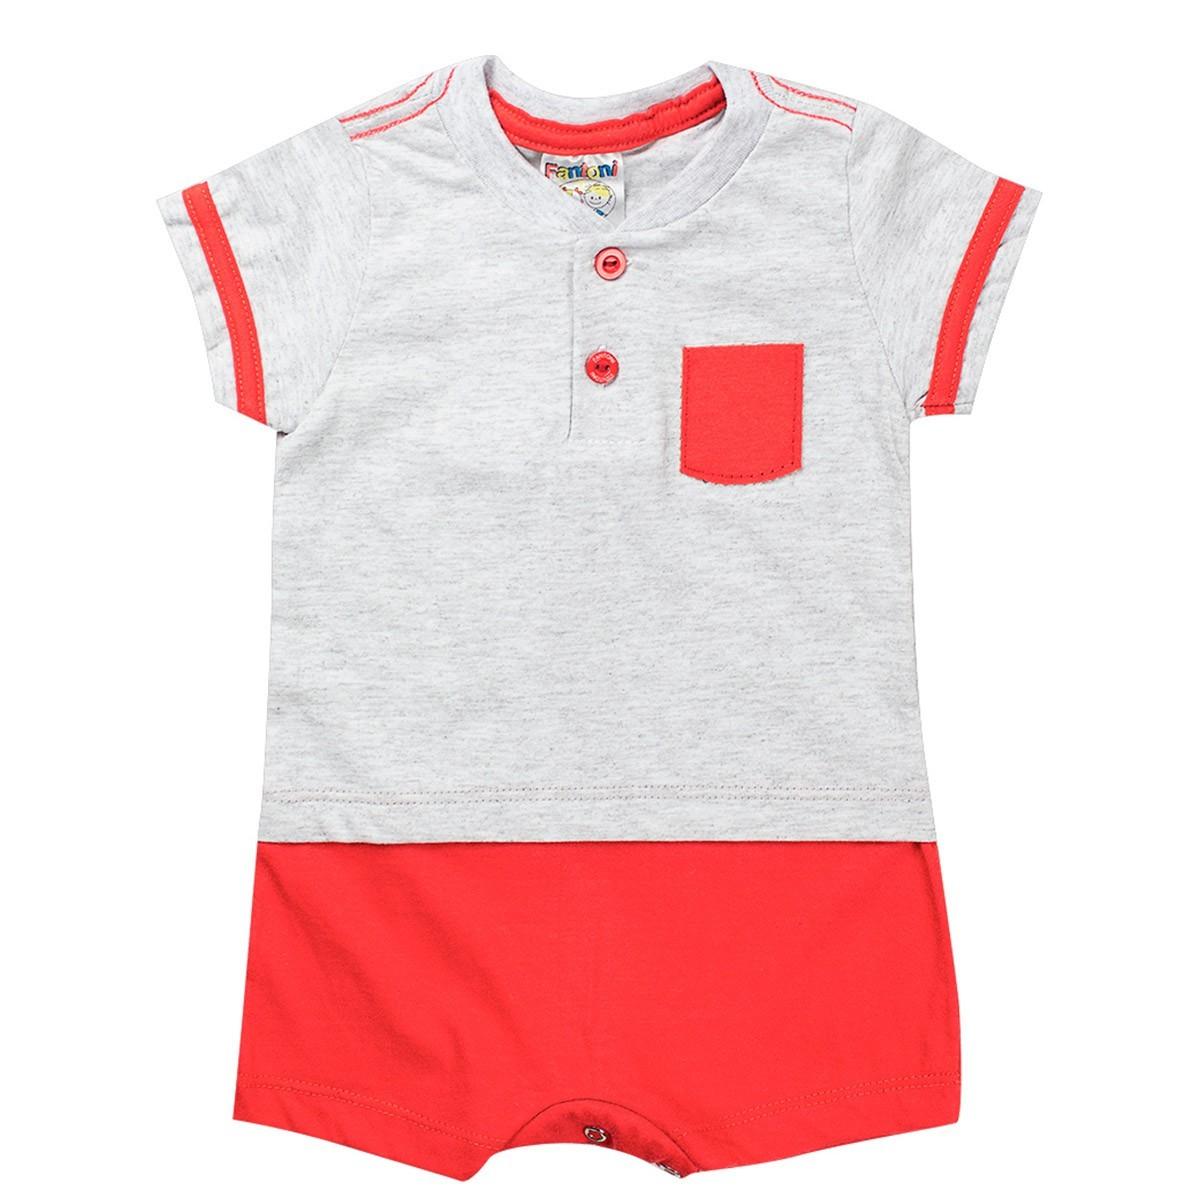 Macaquinho Infantil Menino Com Botões Vermelho - Fantoni